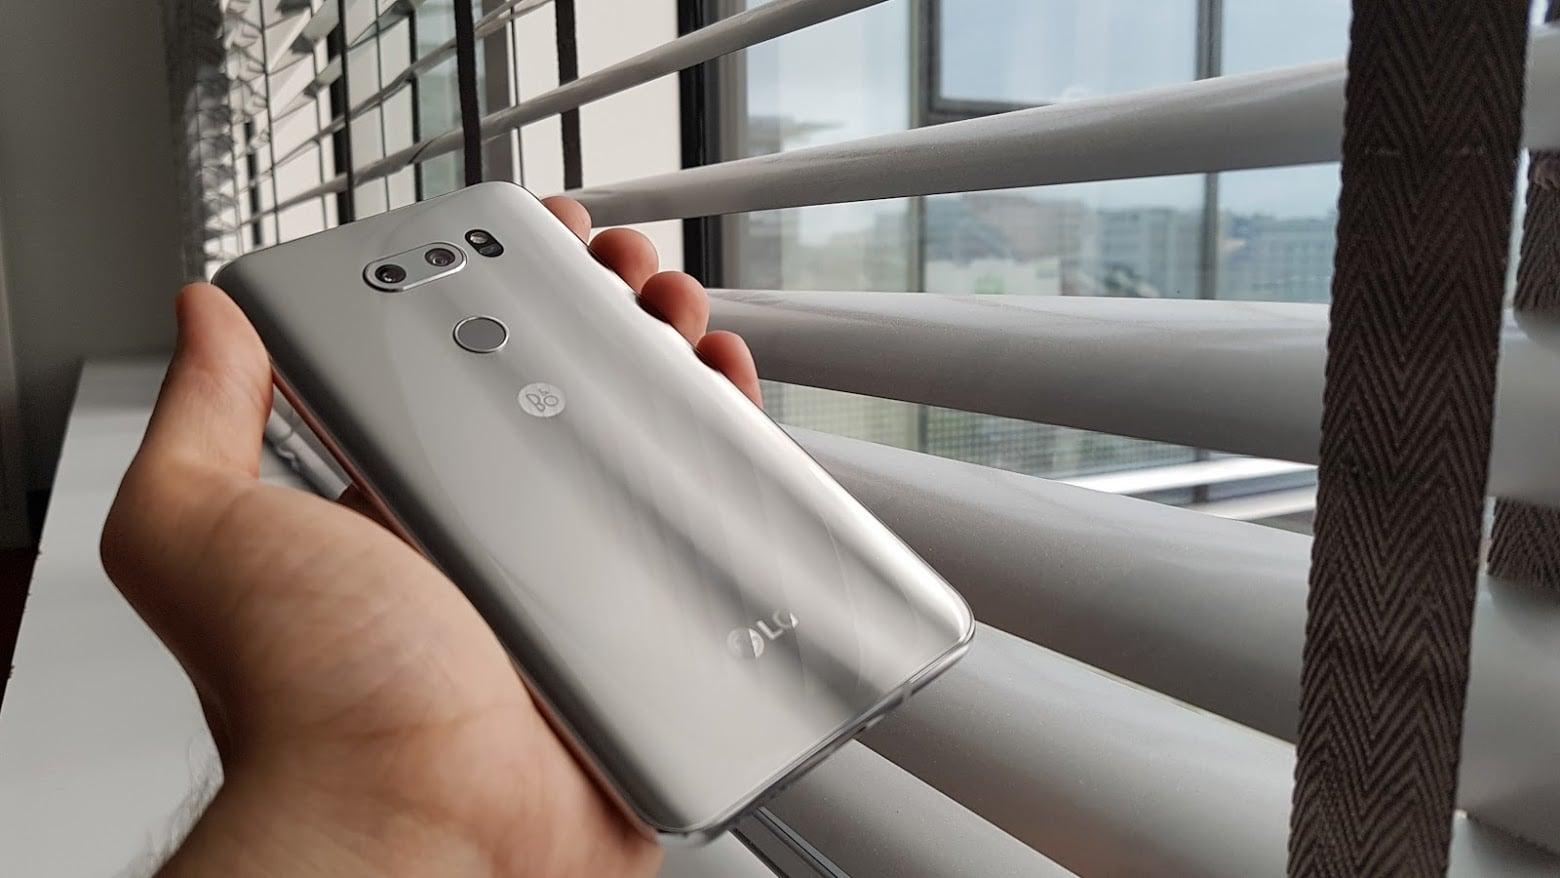 LG V30 po roku używania - czy będę go dobrze wspominać? 3